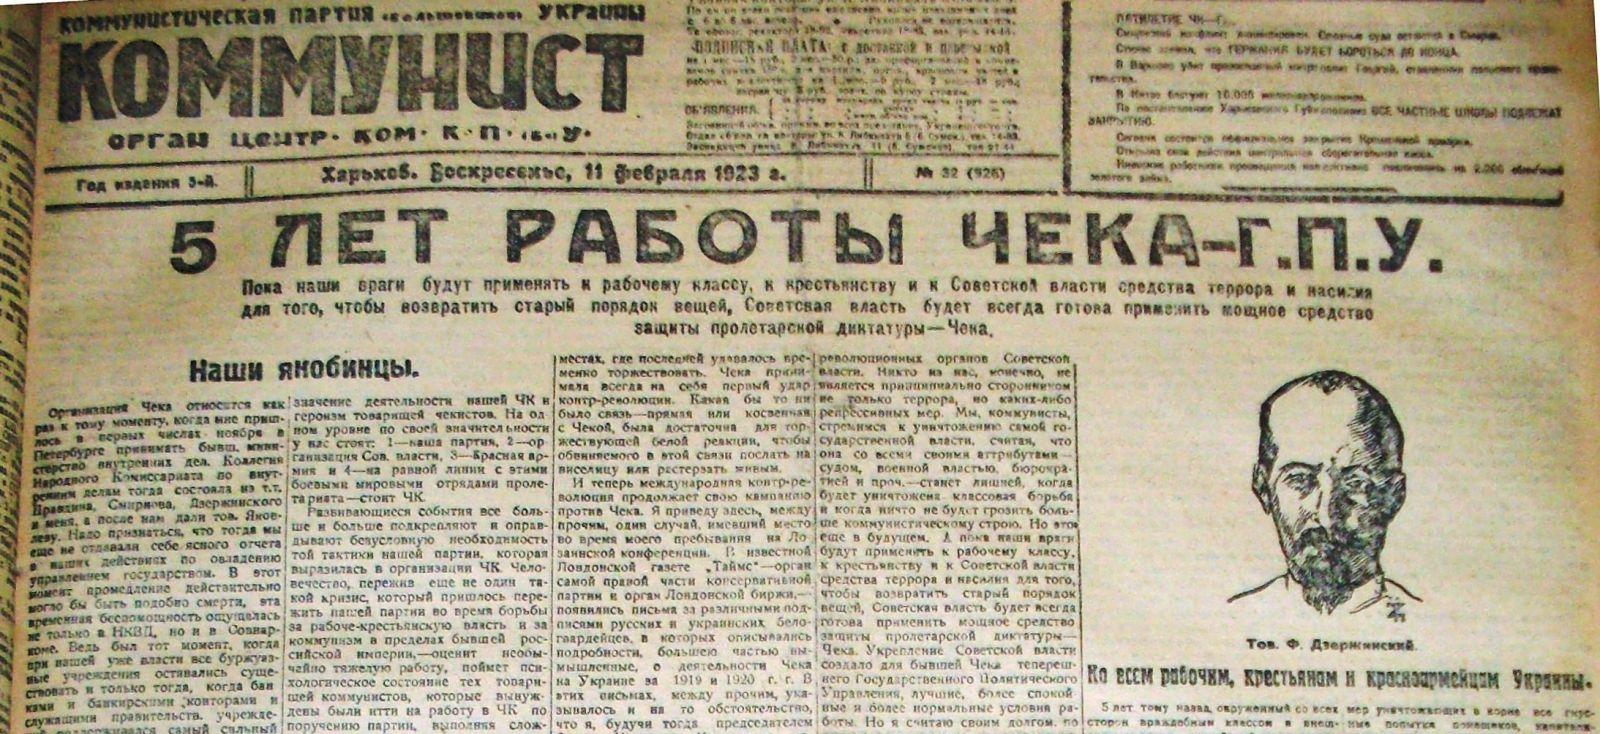 Святкове число харківського «Коммуниста» з Феліксом Едмундовичем